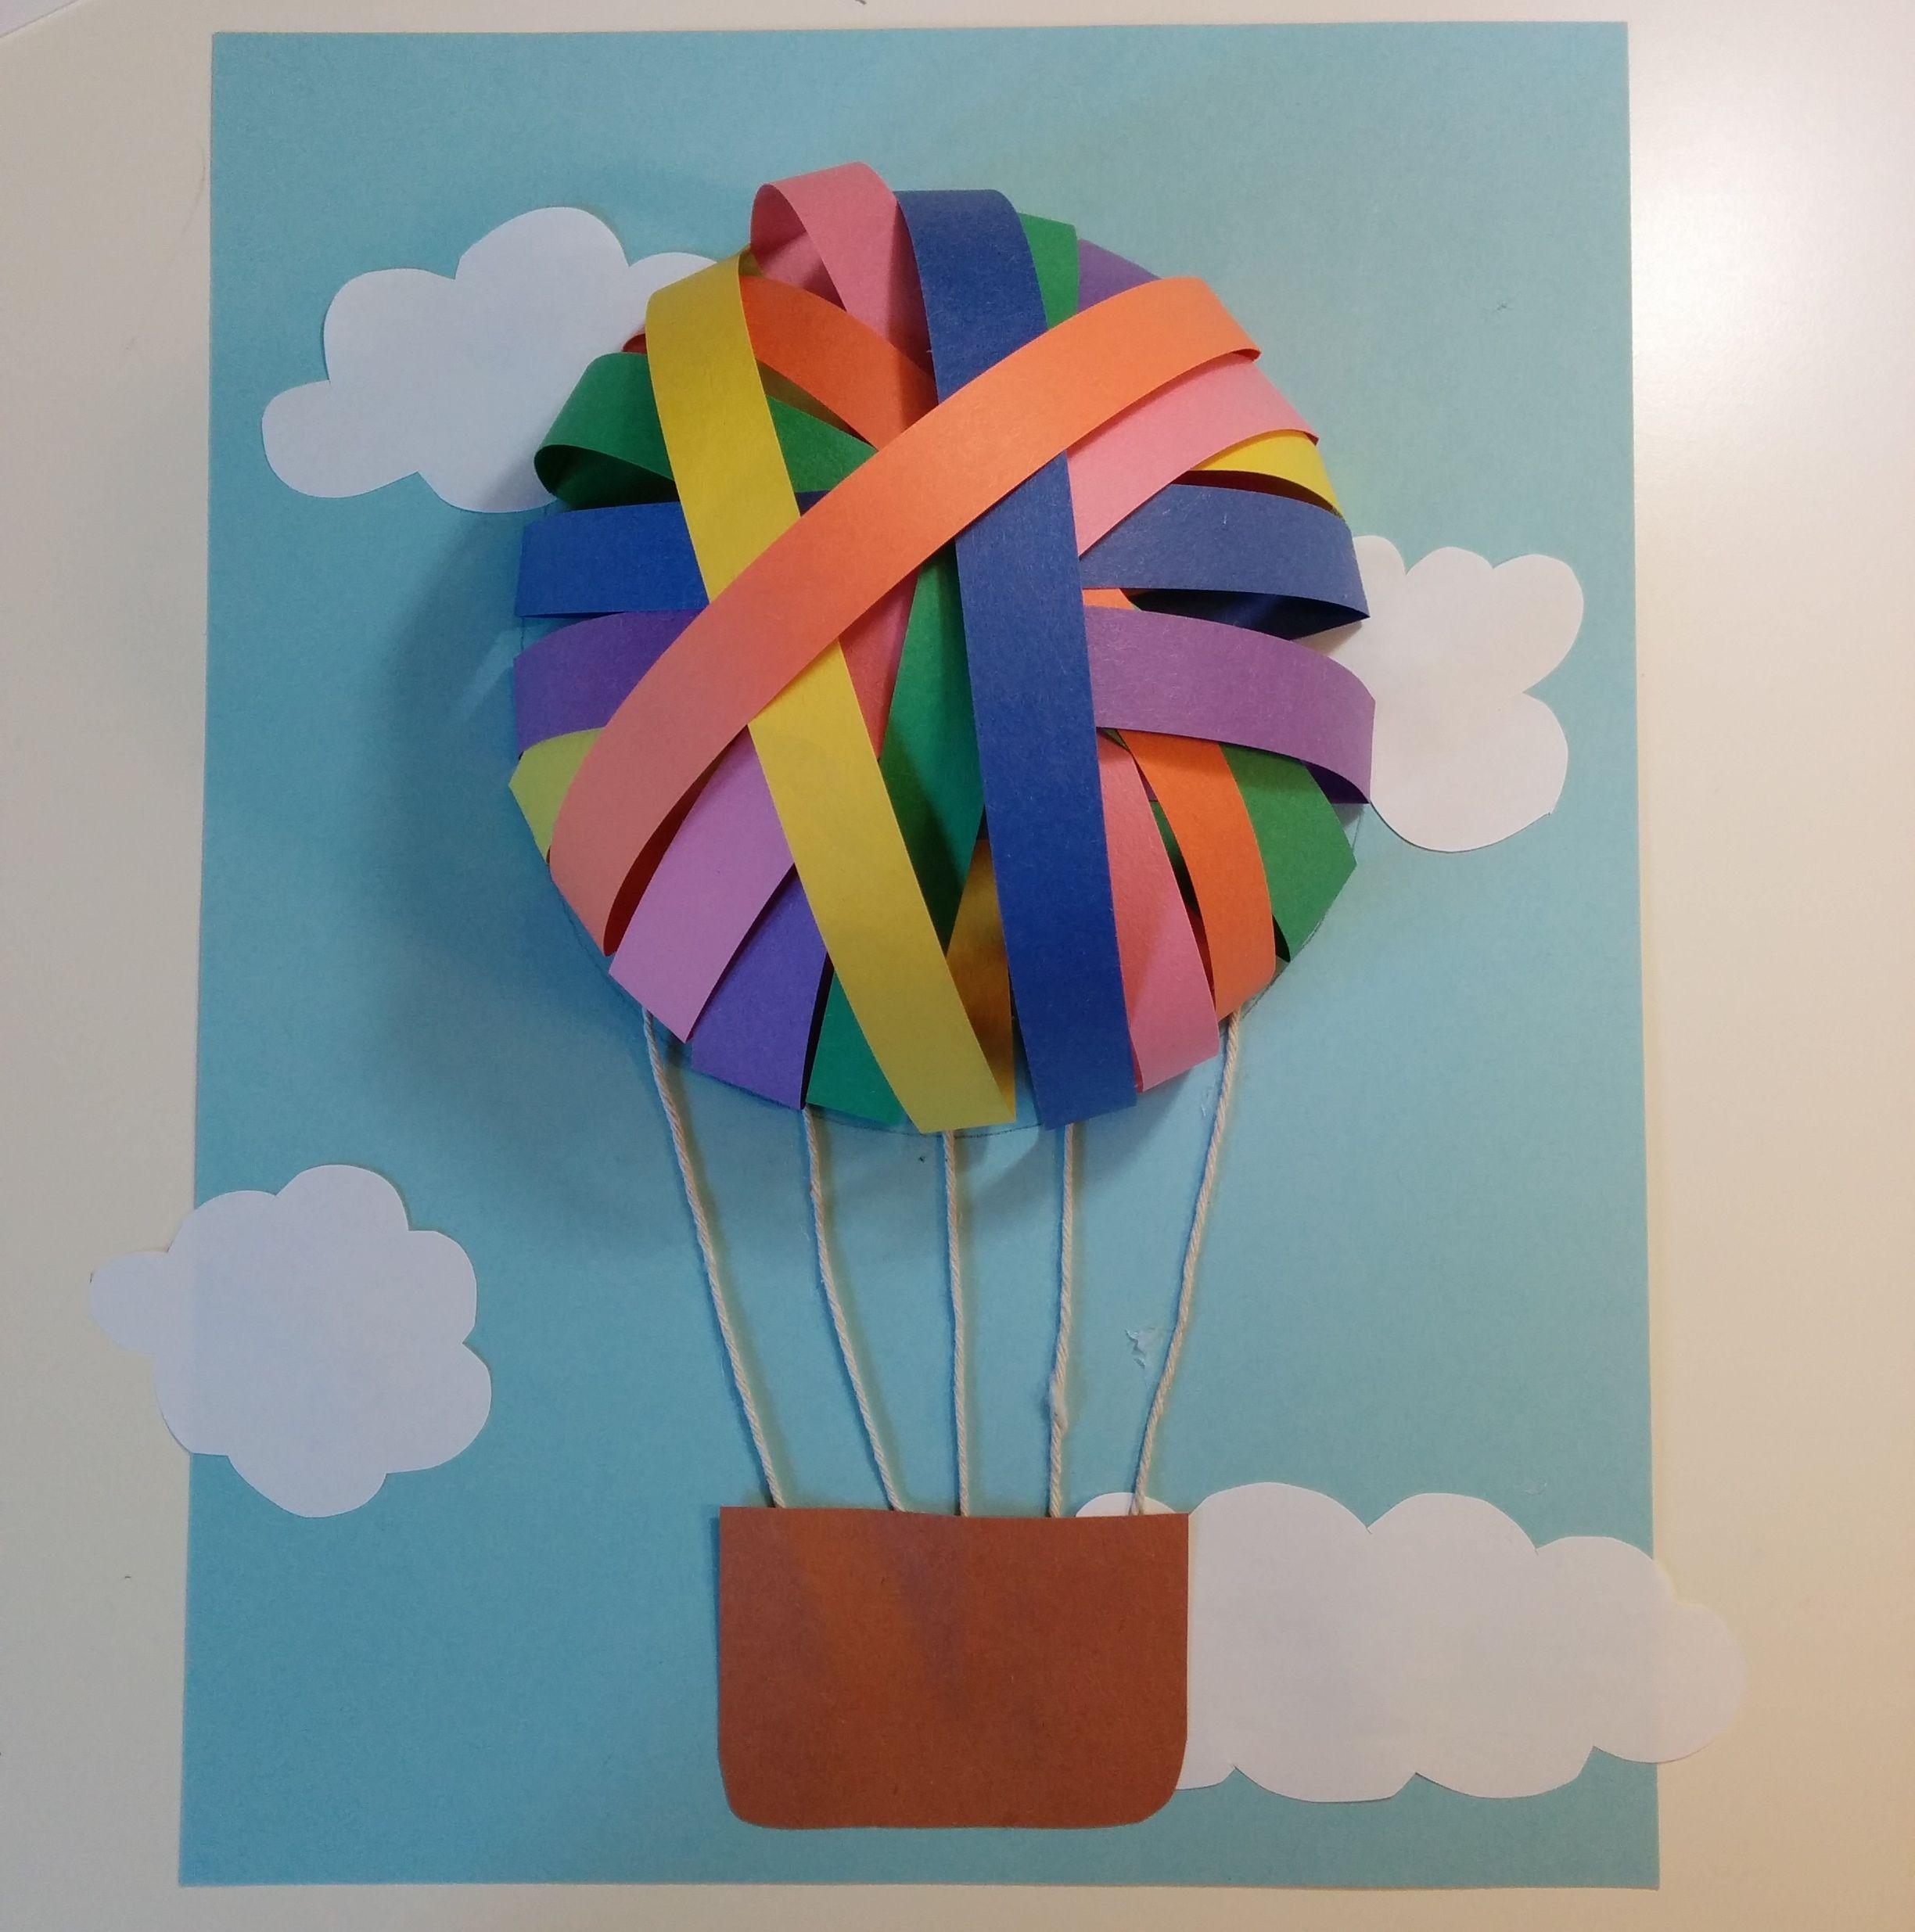 Montgolfi res en papier arts enfants pinterest montgolfi re bricolage papier et planificateur - Montgolfiere en papier ...